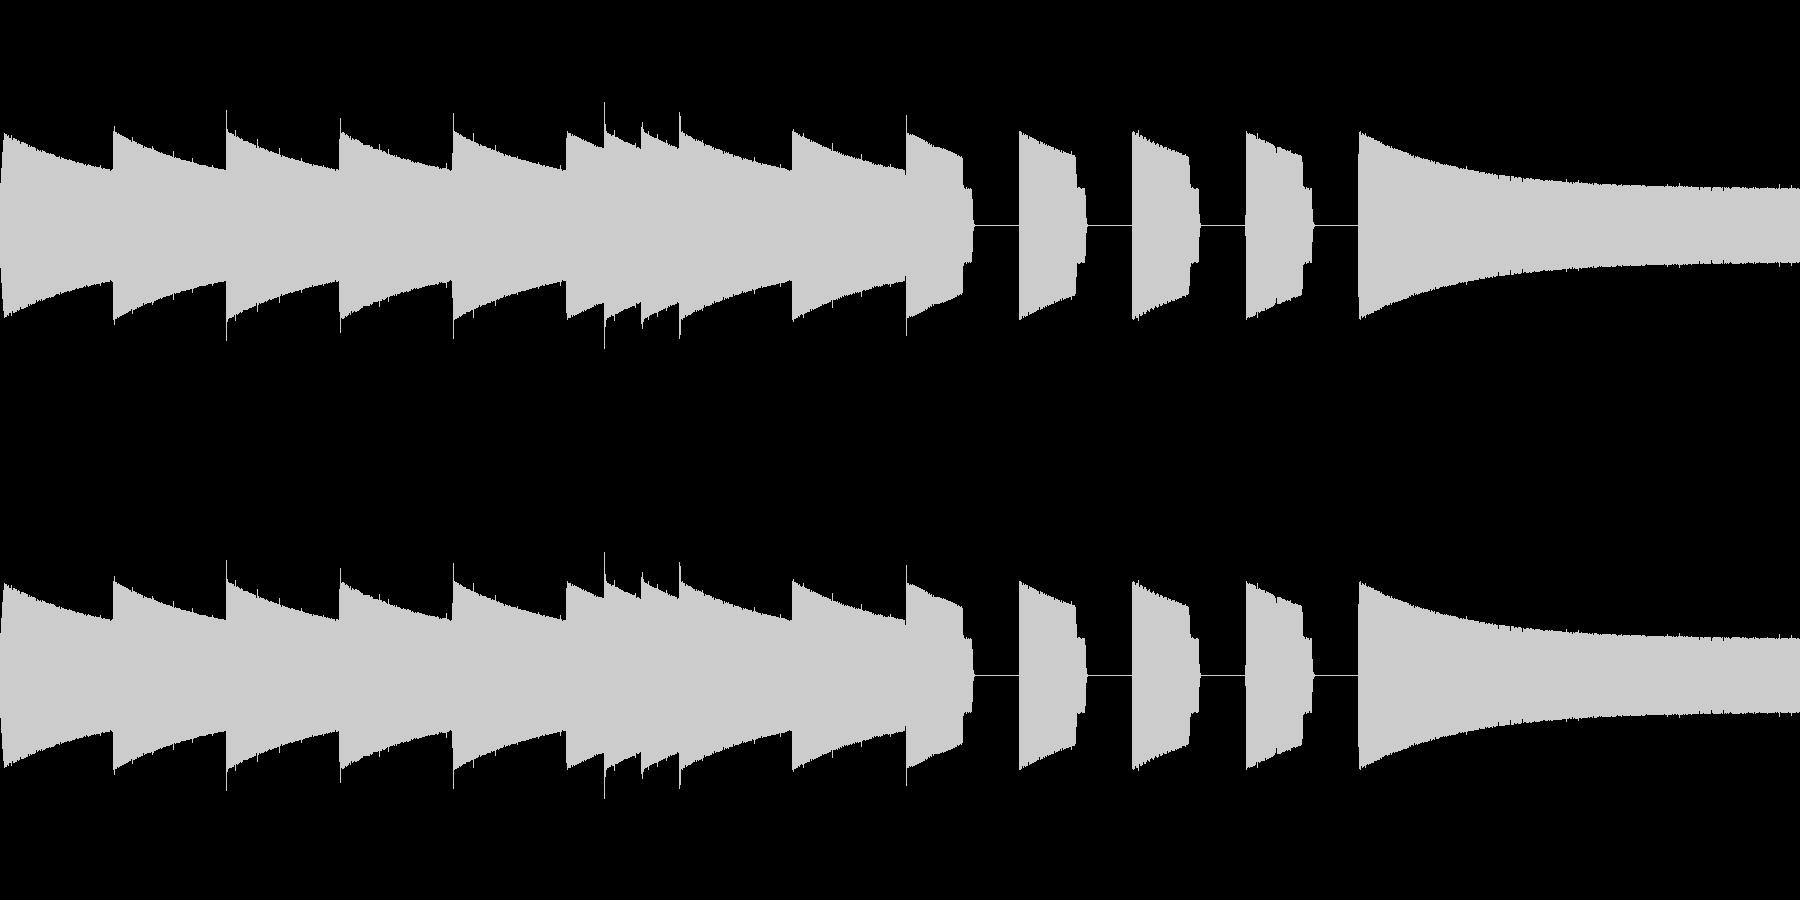 ピコピコ音ジングル、そして夜が明けたの未再生の波形